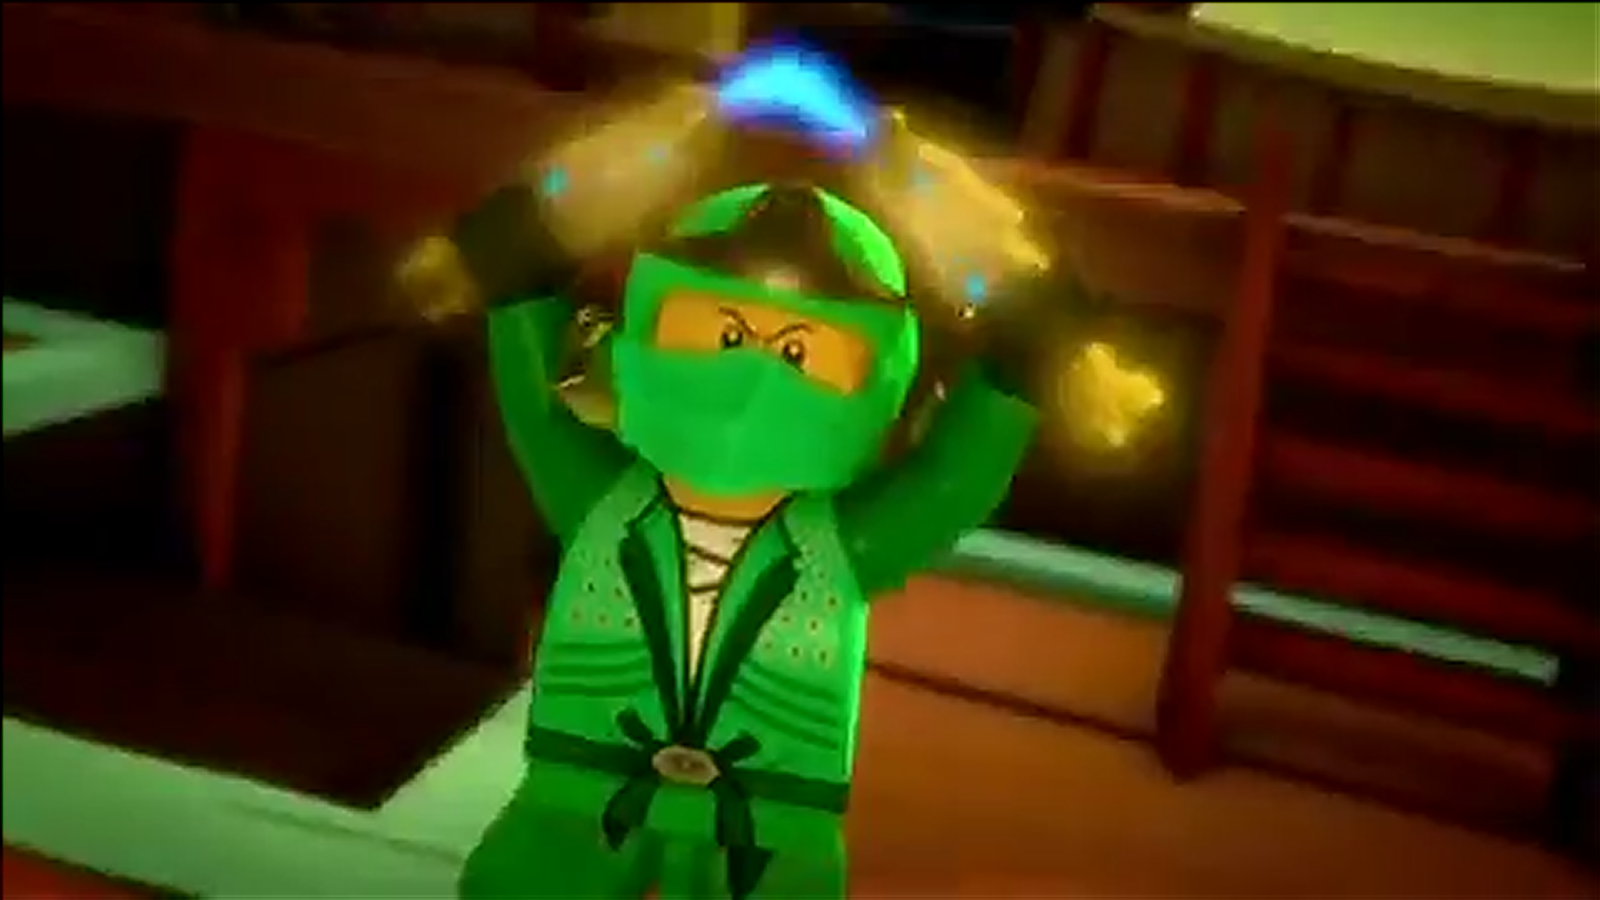 Ninjago Green Ninja Wallpaper 20:53 December 22 2011